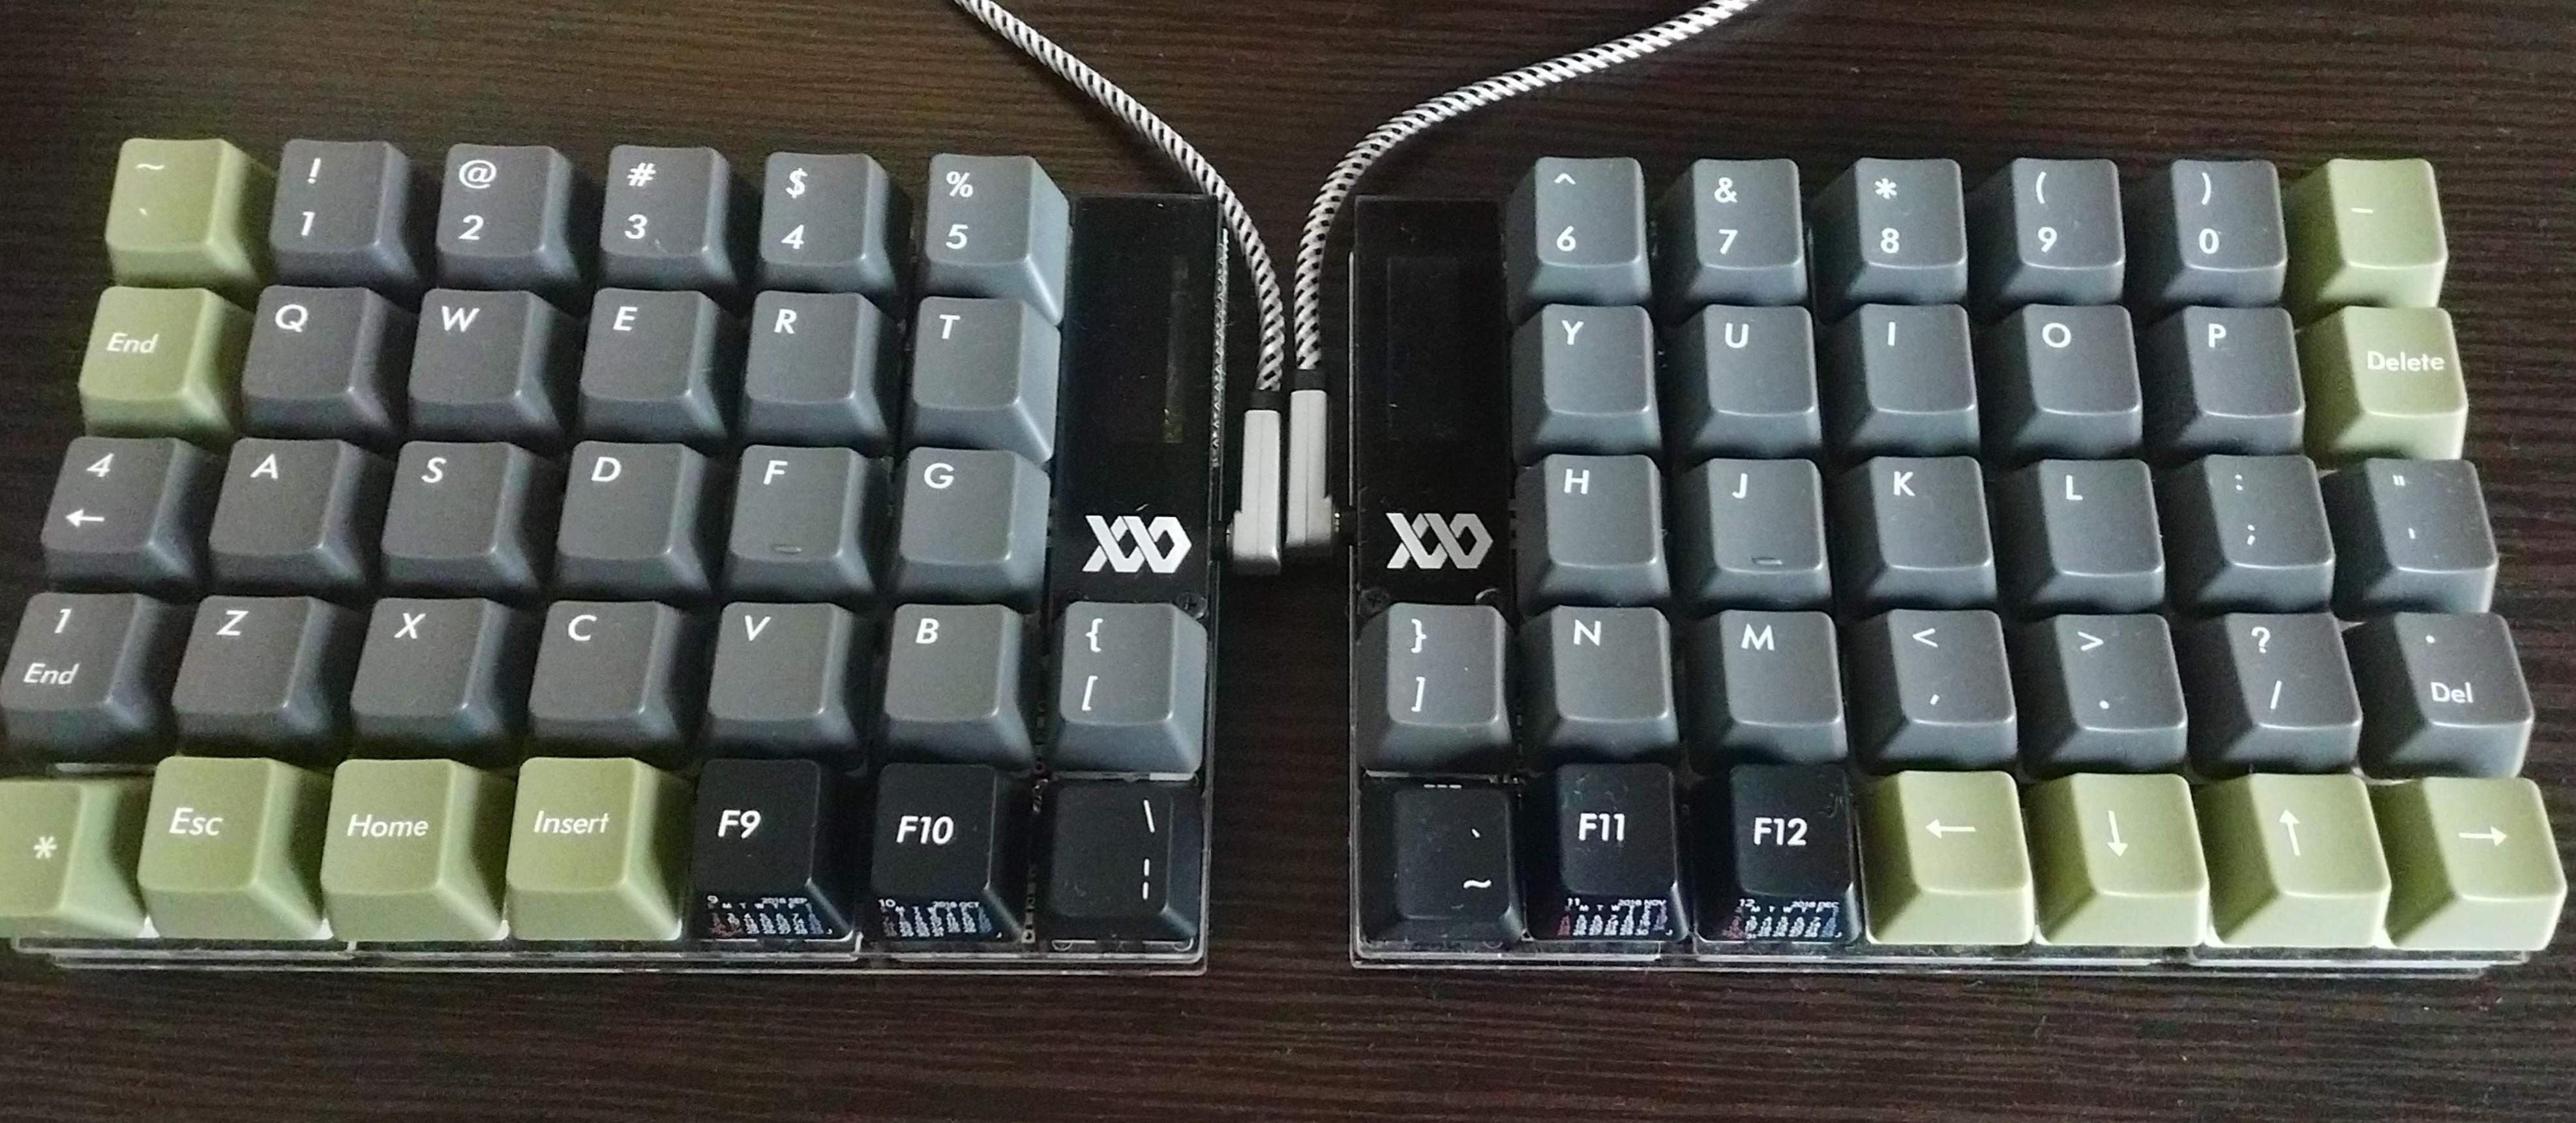 はんだ付け初心者でも作れたHelixキーボードの話 | いちよんこーど